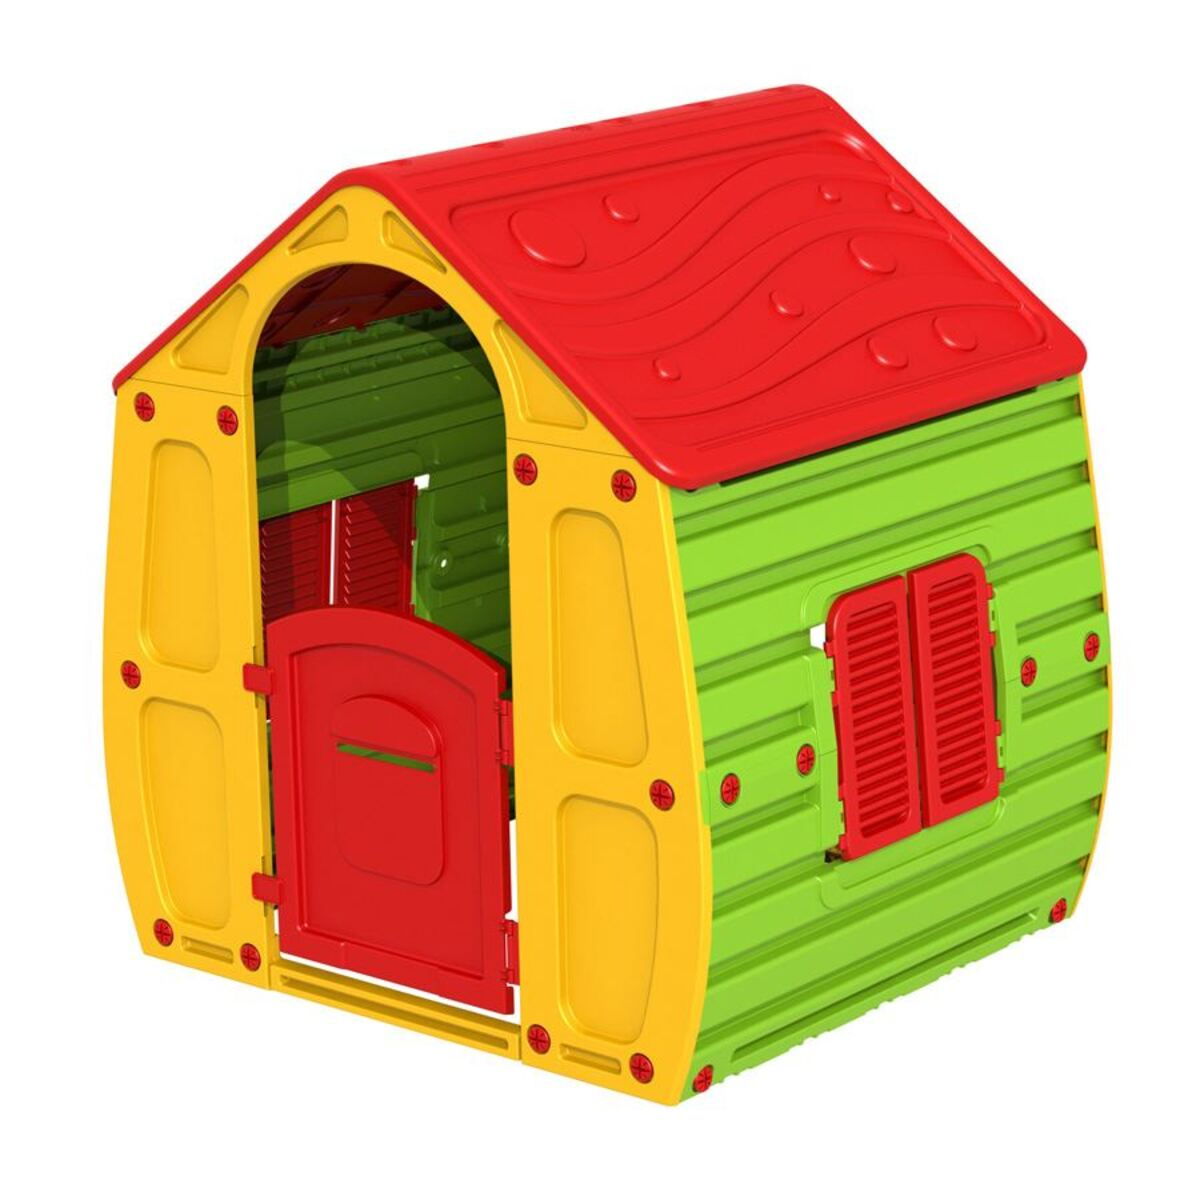 Bild 3 von Magical Kinder-Spielhaus